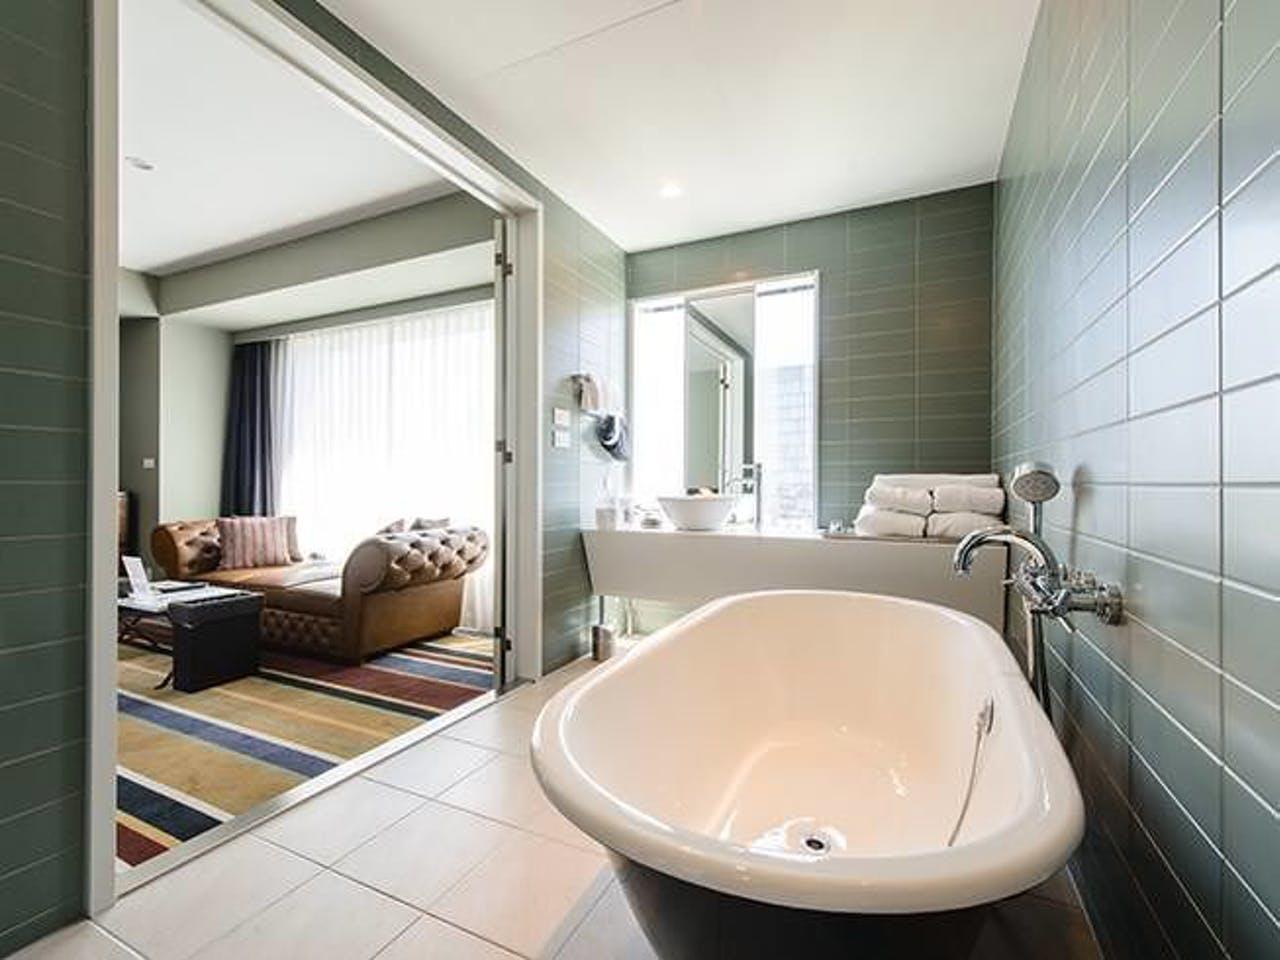 【東京のおしゃれなホテル】『新宿グランベルホテル』、「エグゼクティブカジュアルダブル」のバスルーム